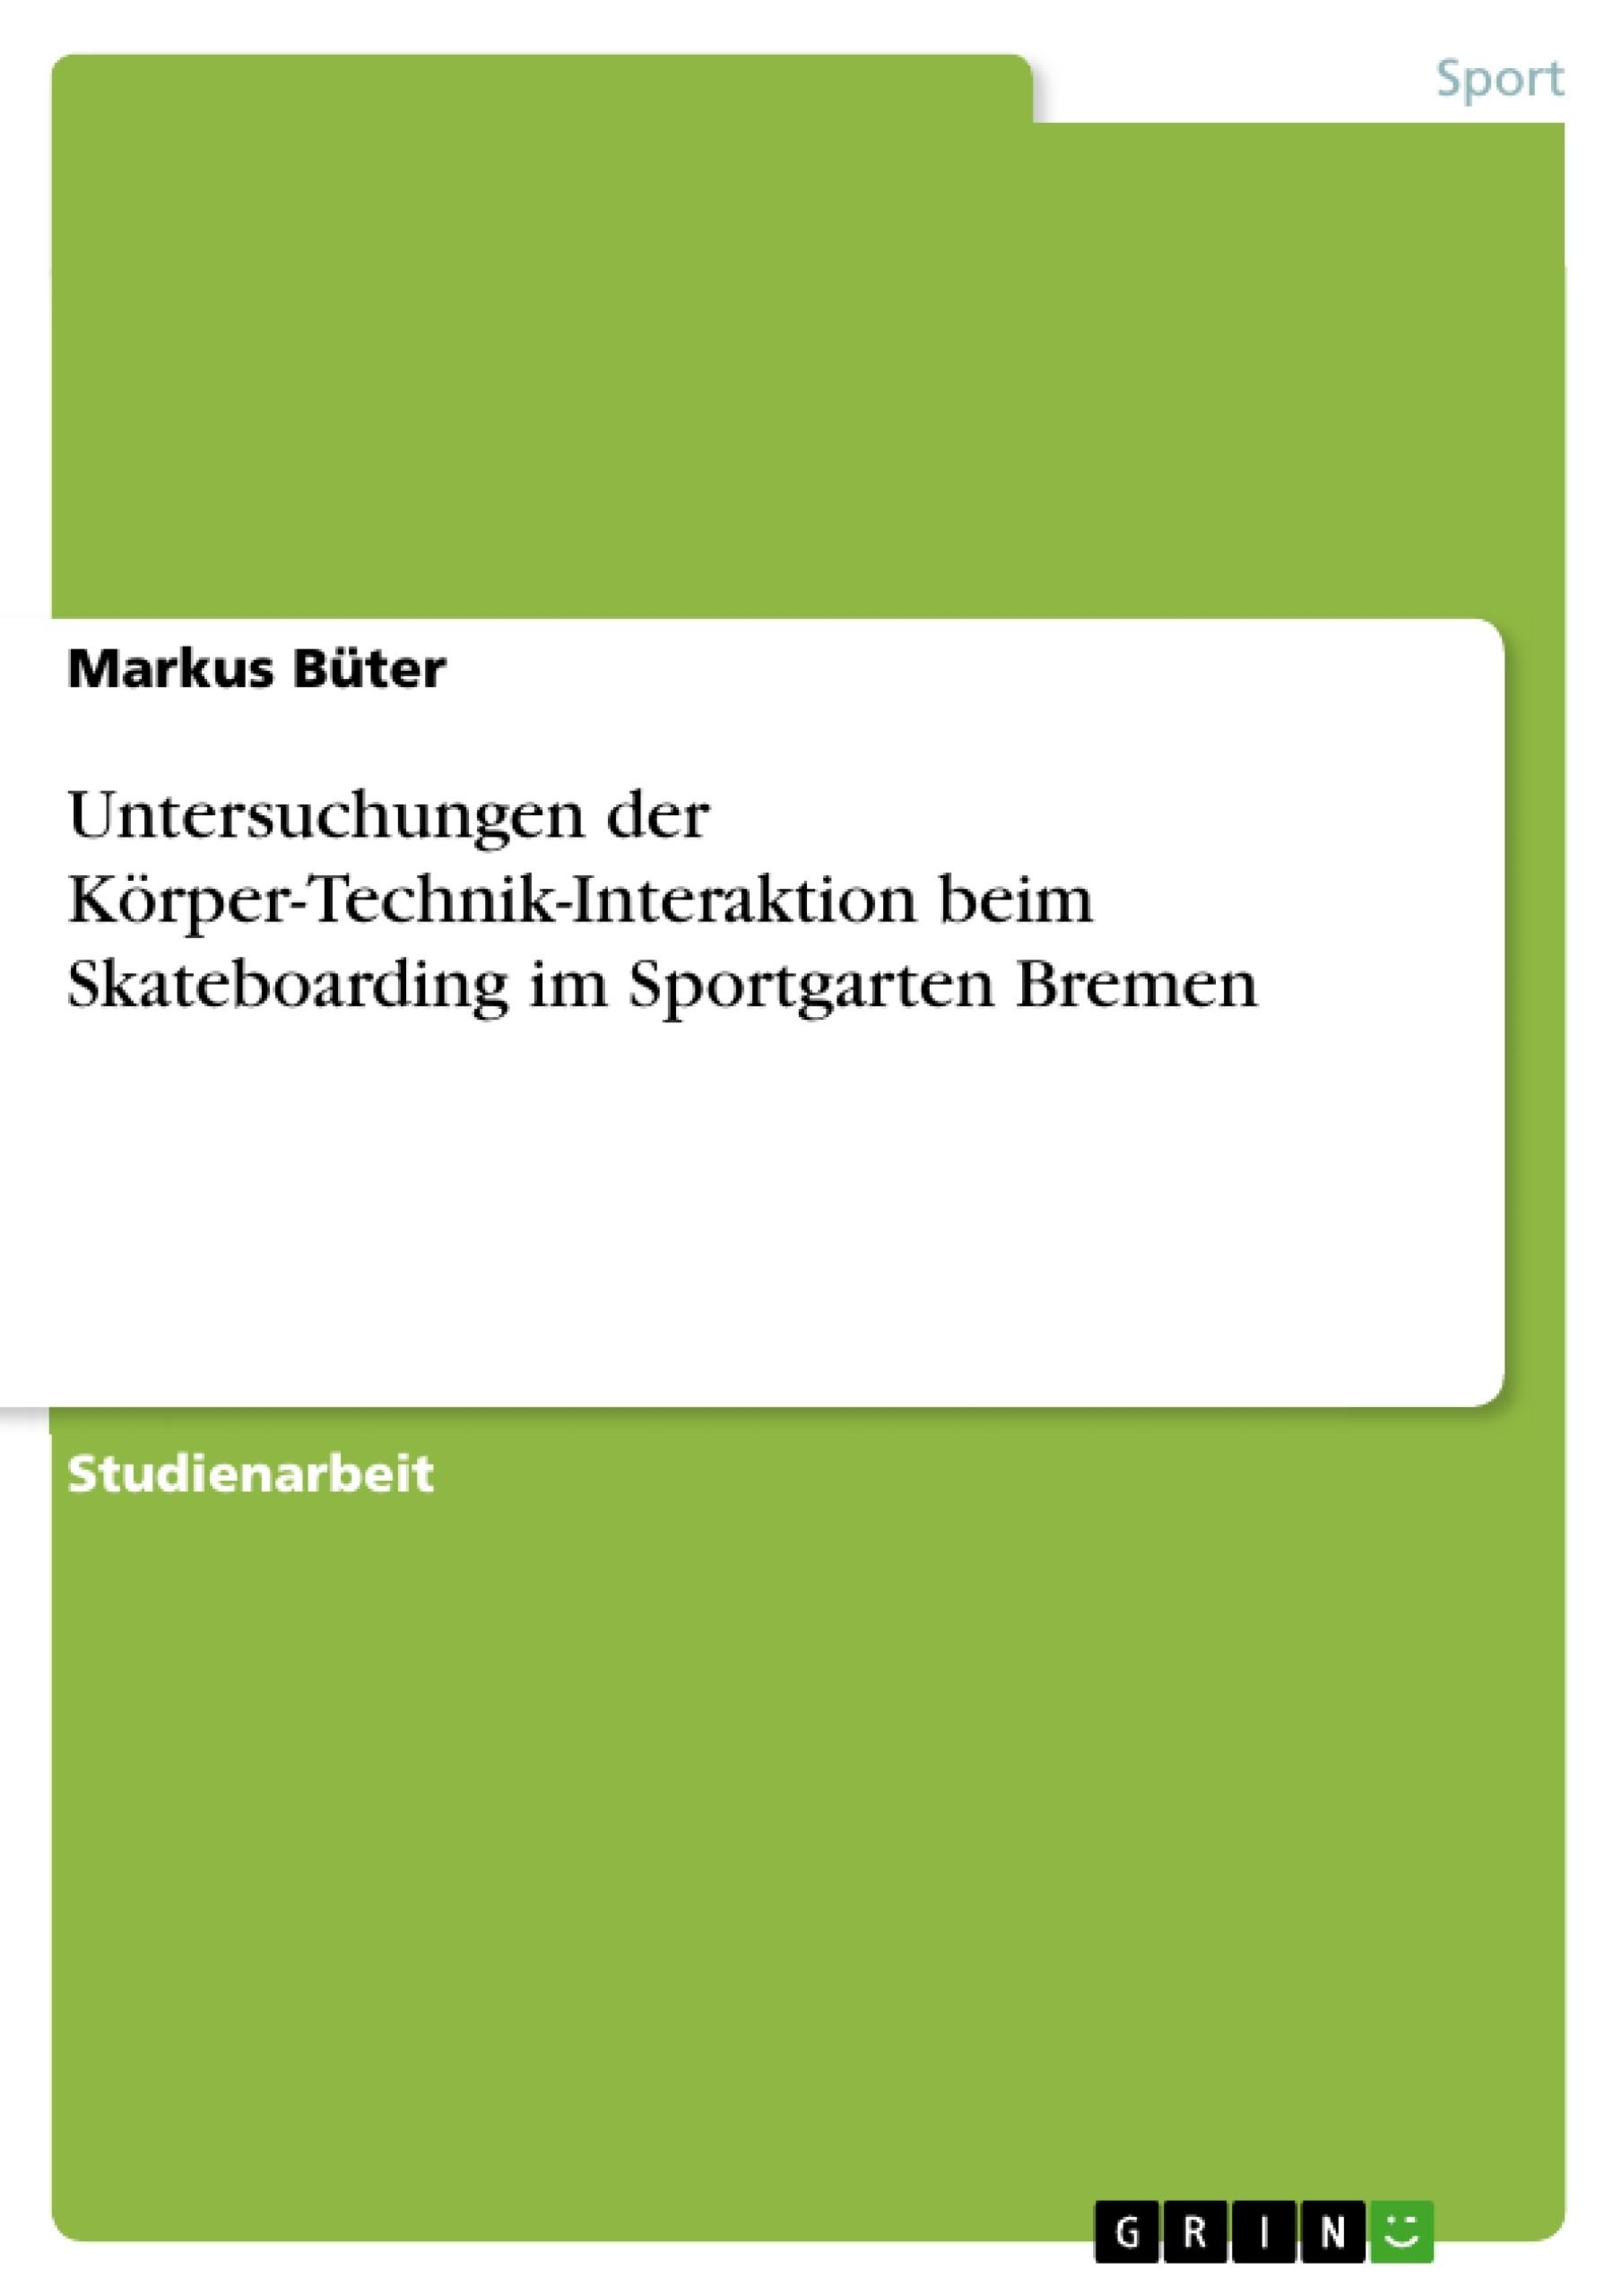 Titel: Untersuchungen der Körper-Technik-Interaktion beim Skateboarding im Sportgarten Bremen